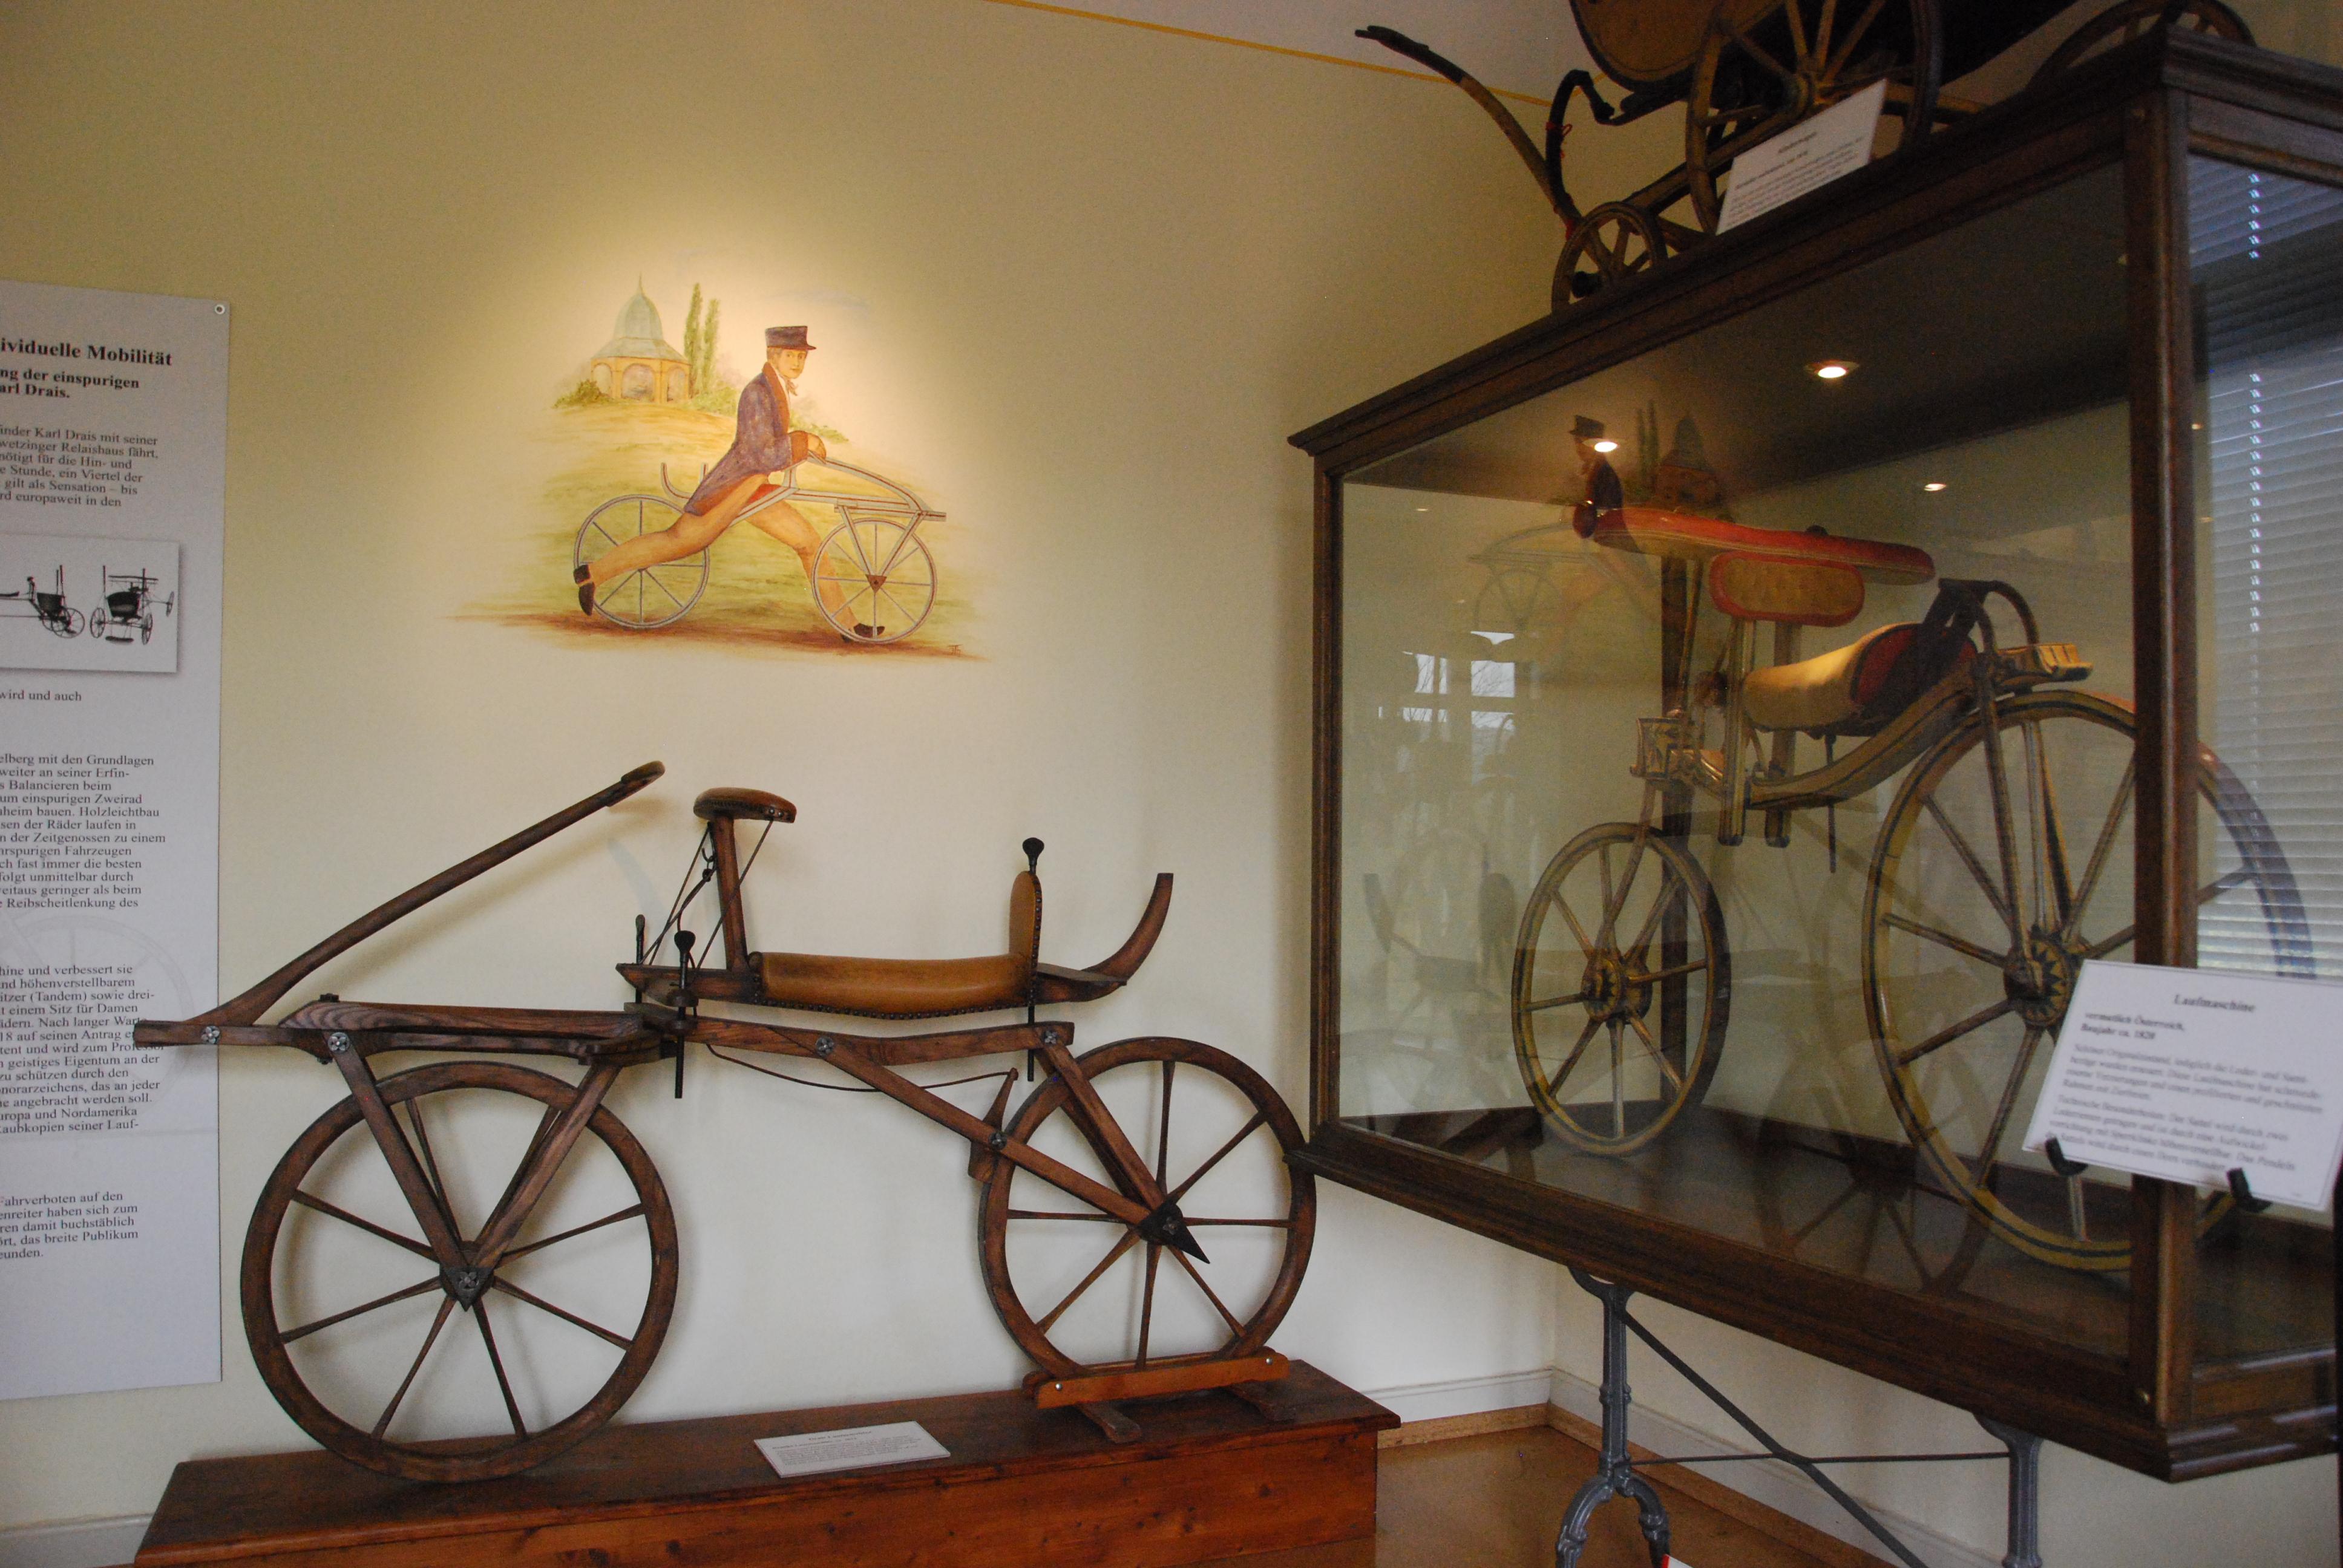 2 Laufmaschinen: Nachbau (ca. 1970) nach Drais, in der Vitrine ein österreichisches Modell um 1820